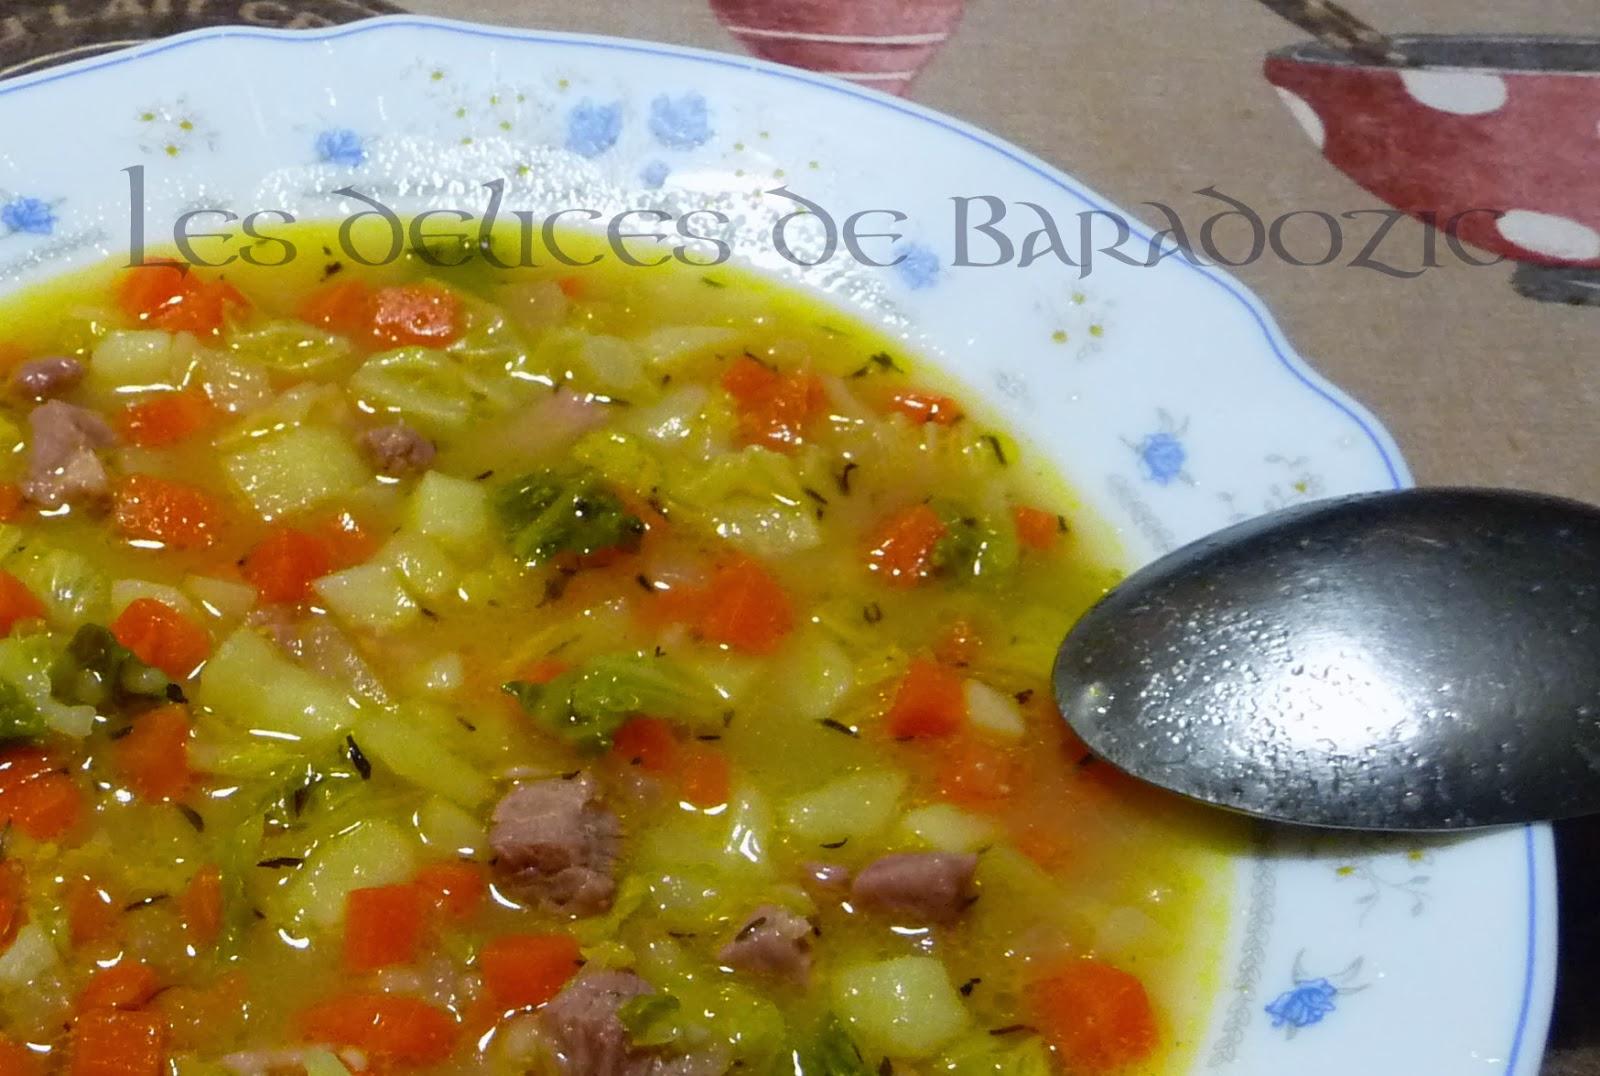 Soupe aux choux - Les délices de Baradozic